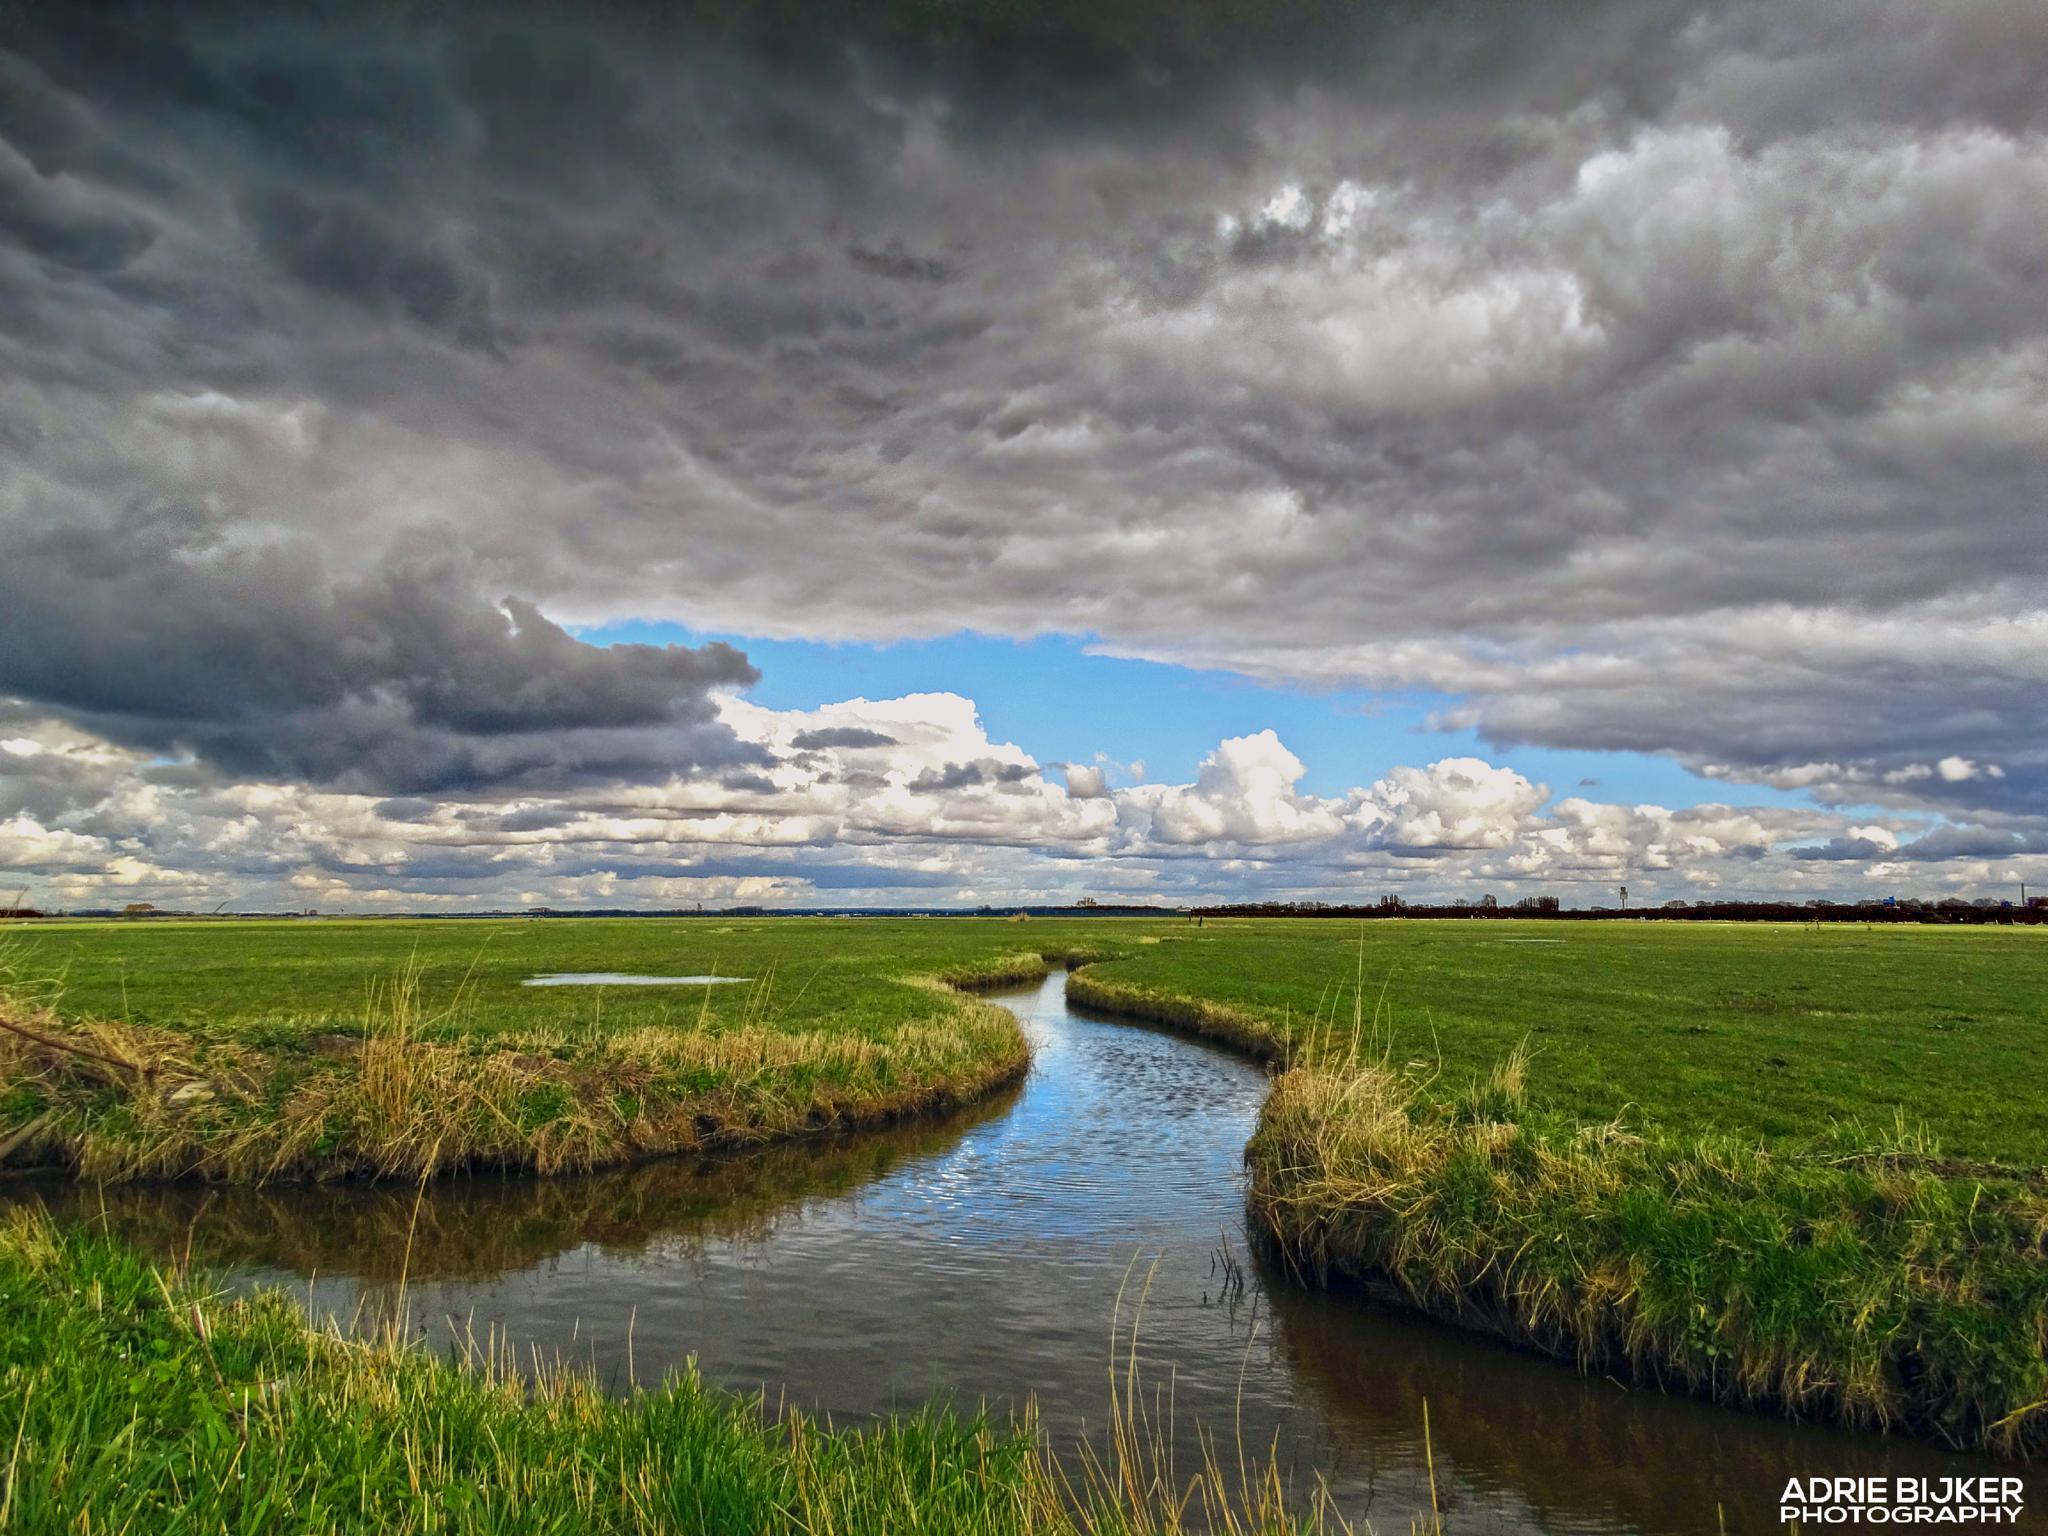 Arkemheenpolder -Nijkerk by Adrie Bijker